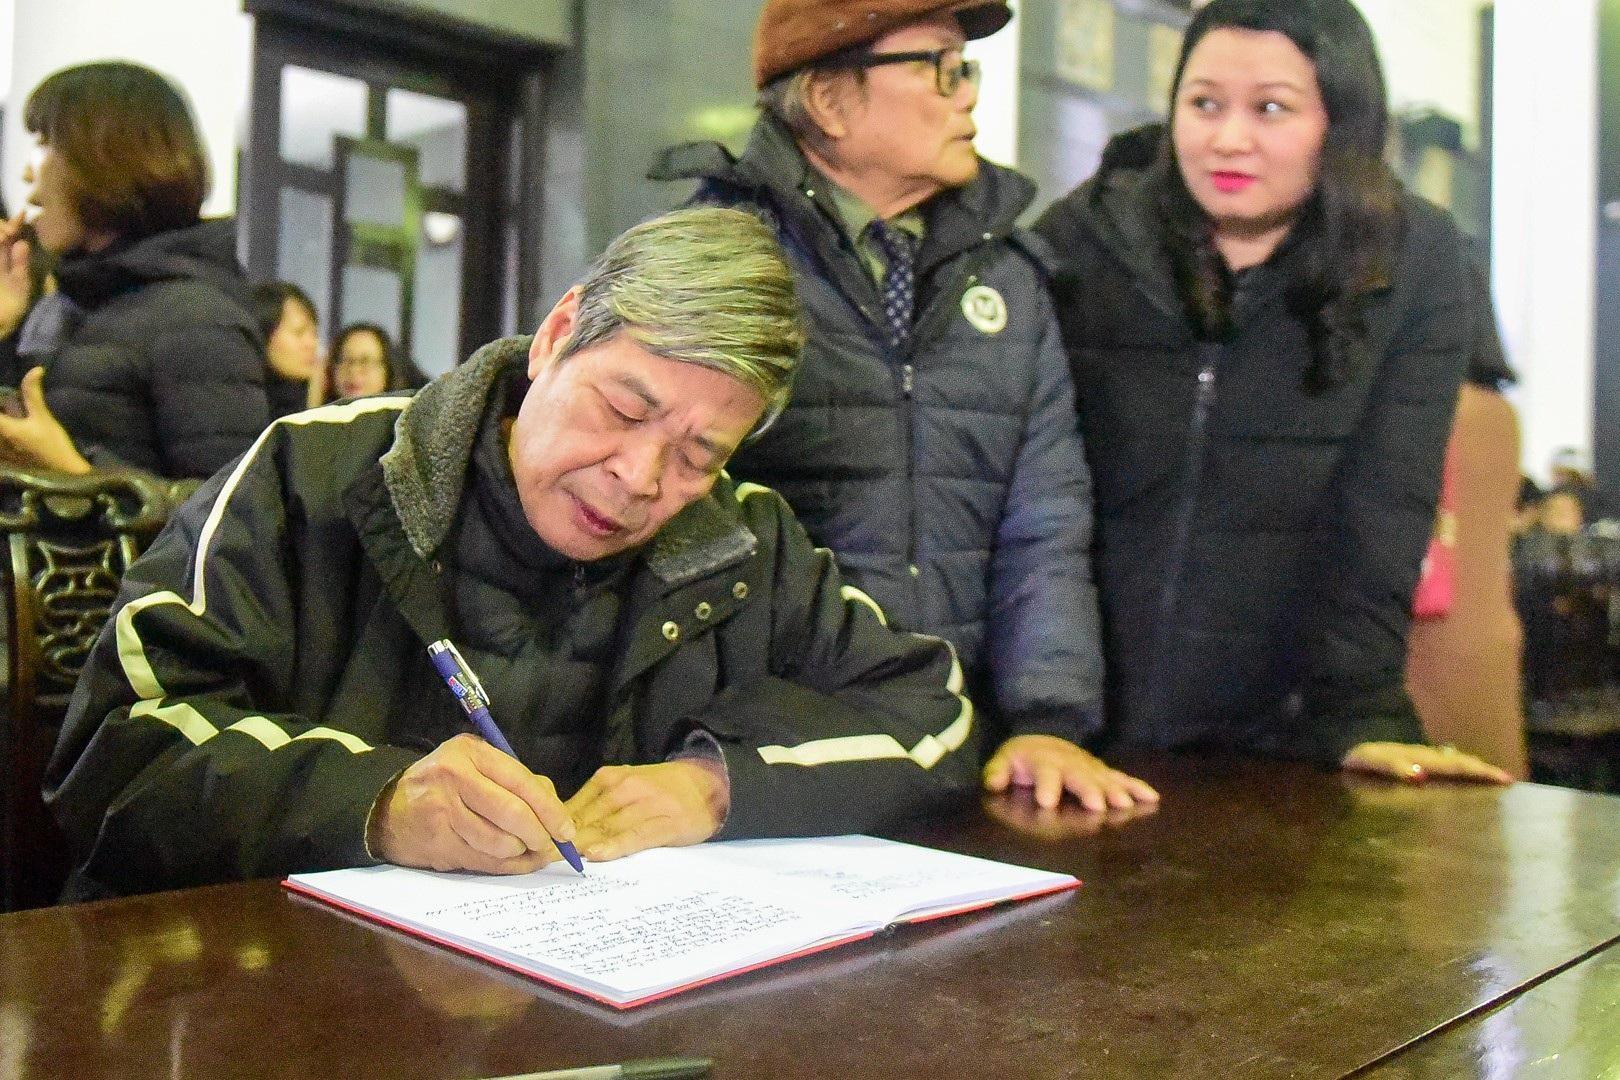 Đông đảo bạn bè, văn nghệ sĩ đến tiễn đưa nhà thơ- nhạc sĩ Nguyễn Trọng Tạo - Ảnh 23.